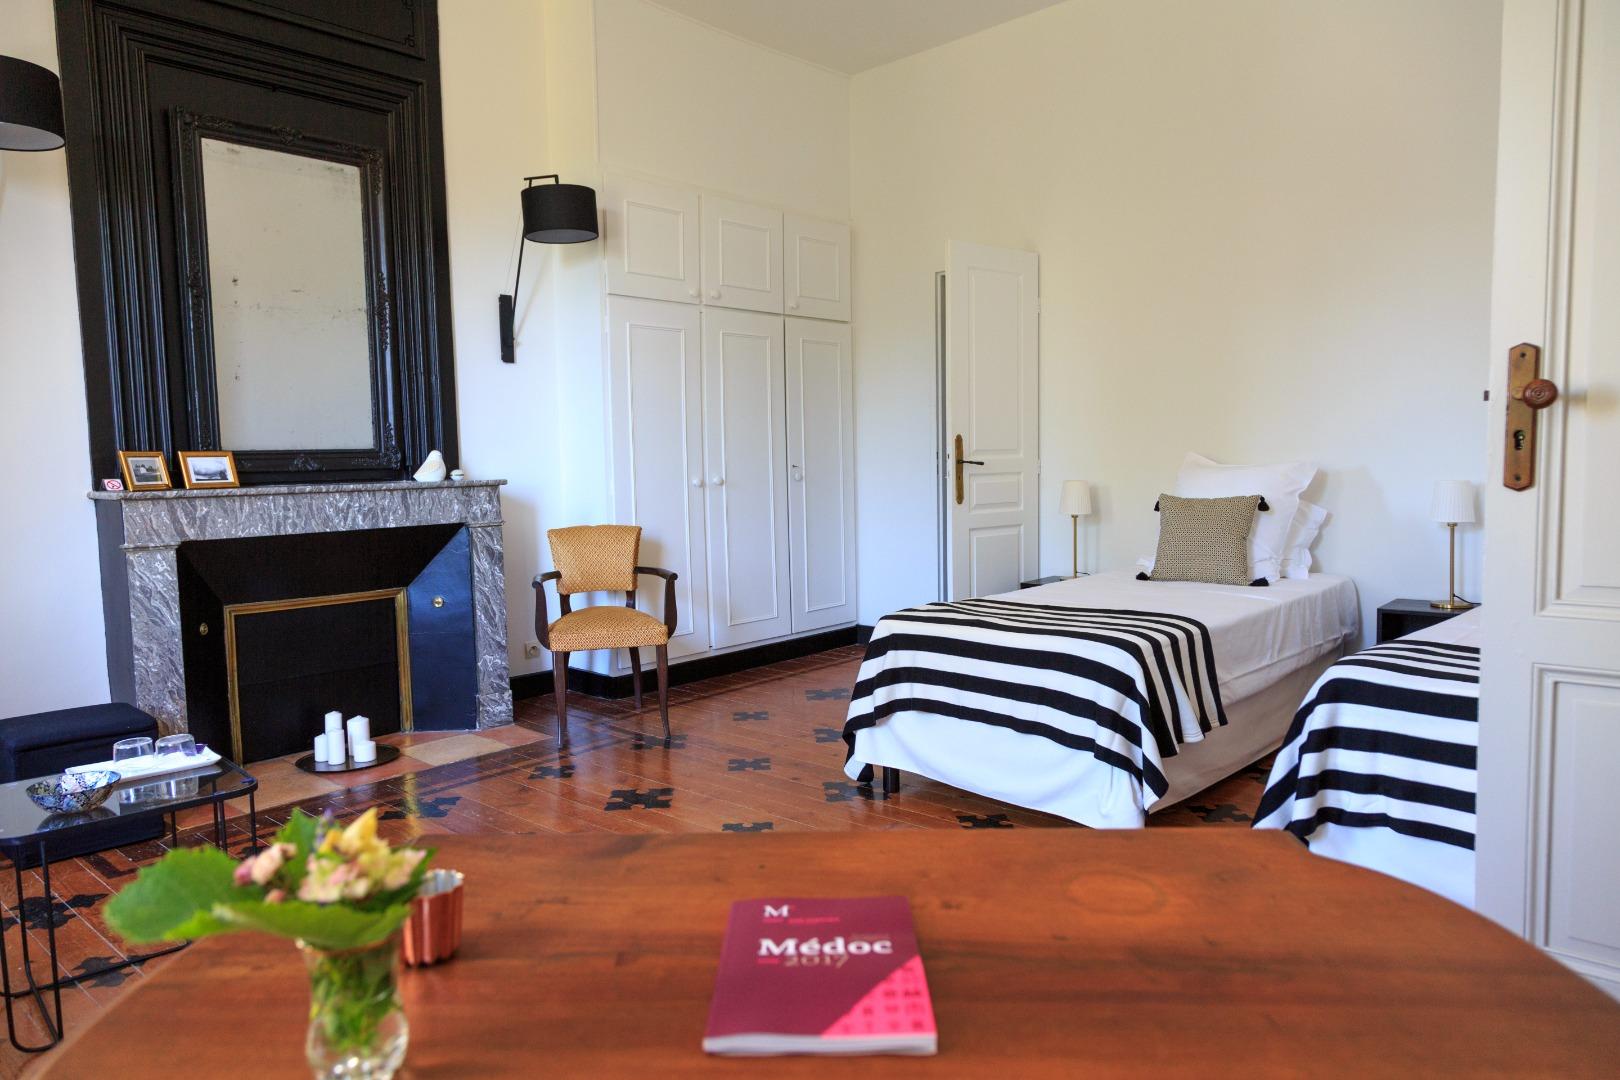 Chambre d'hôte proche de Bordeaux